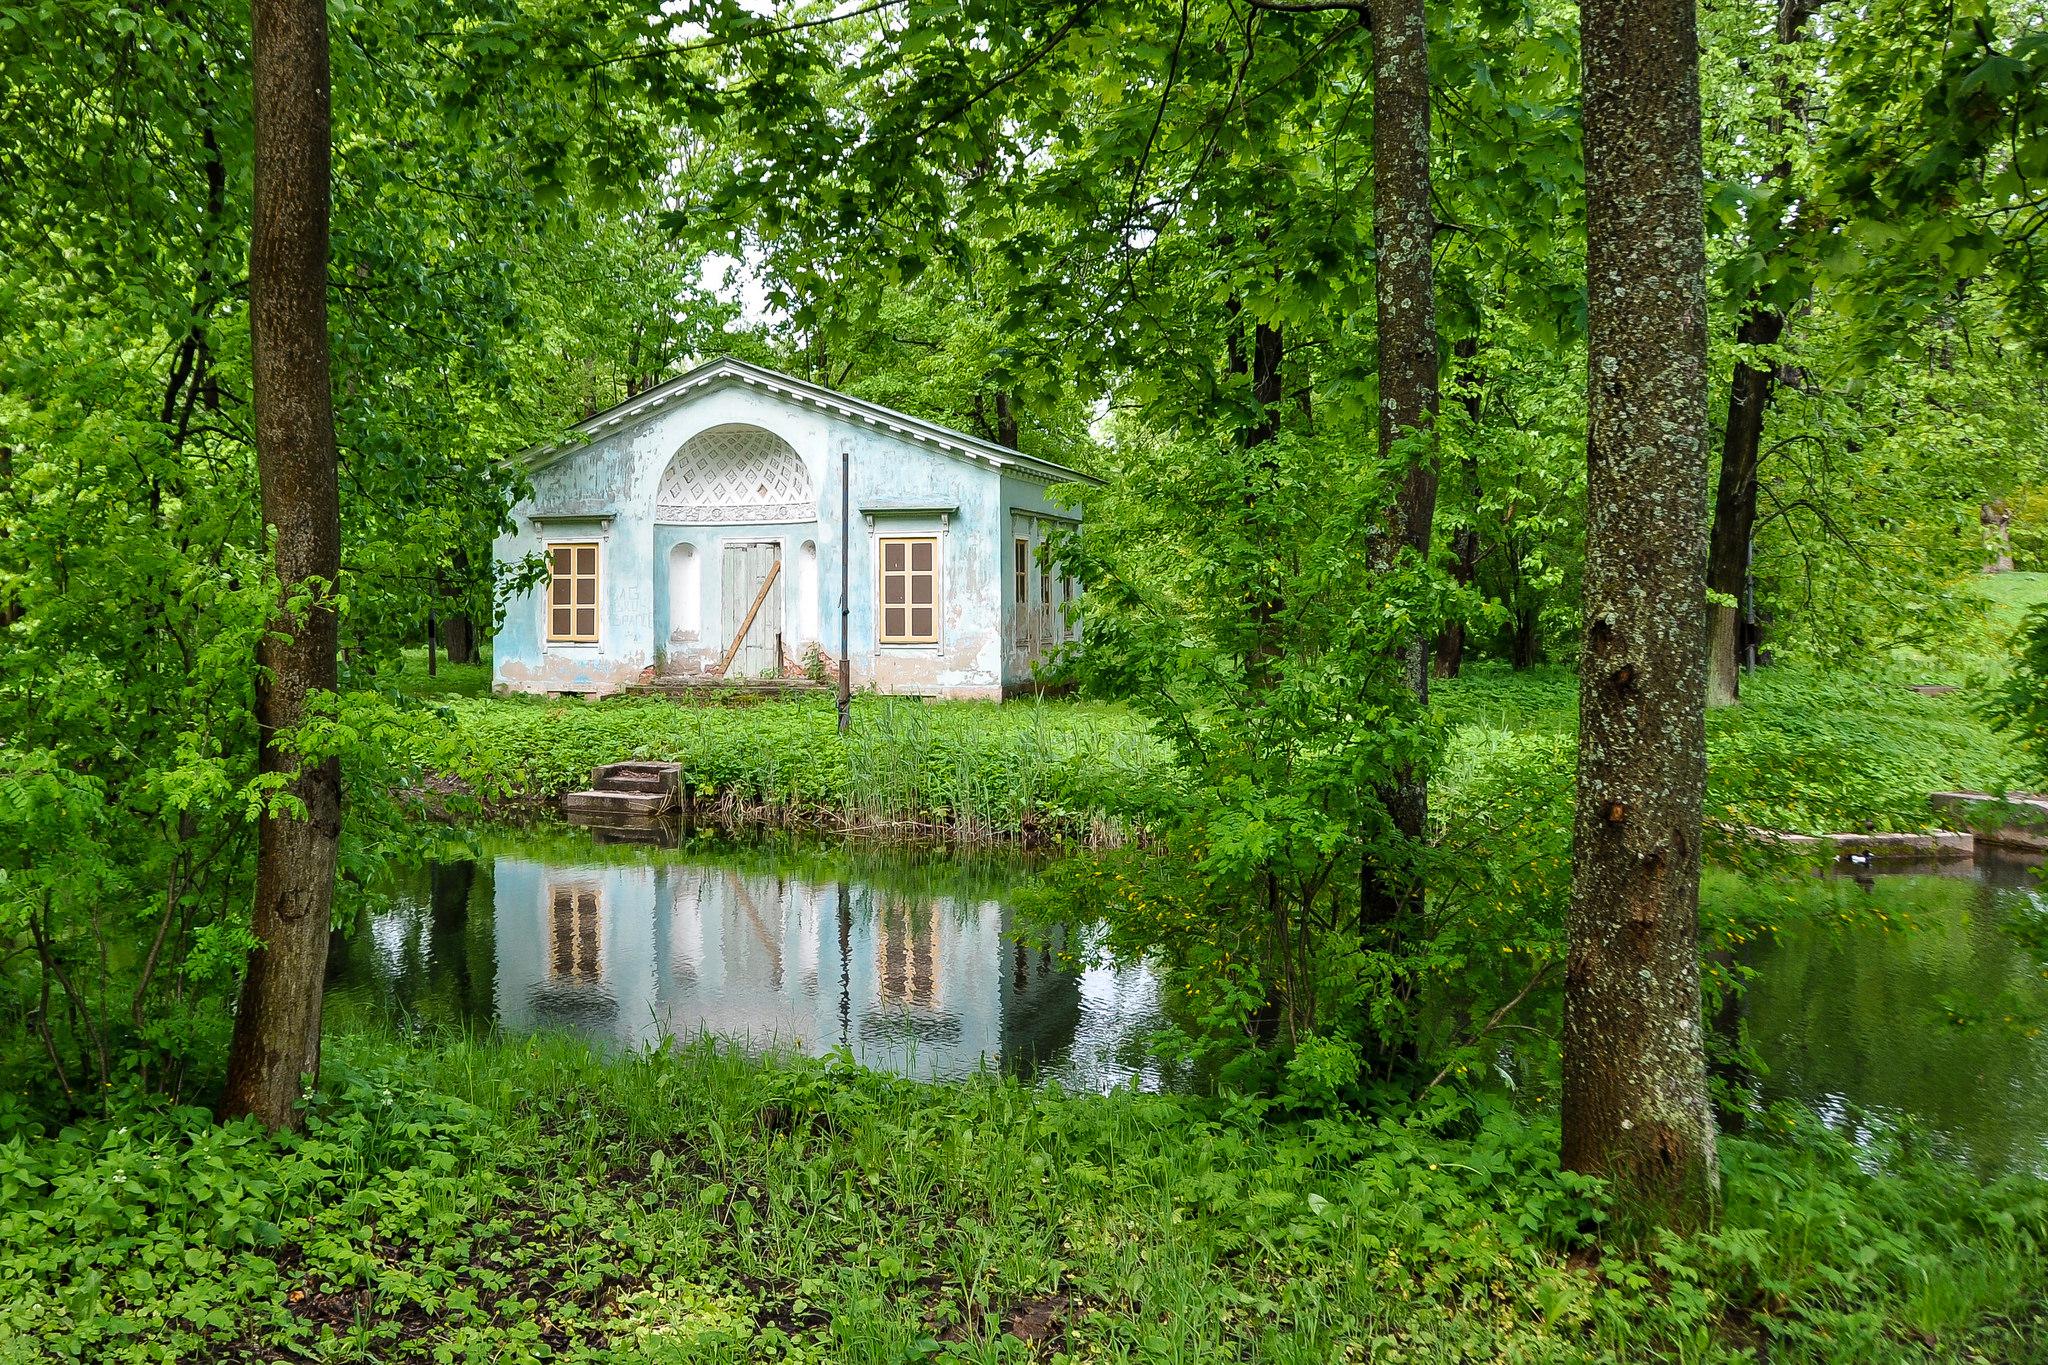 Children's House - Pushkin